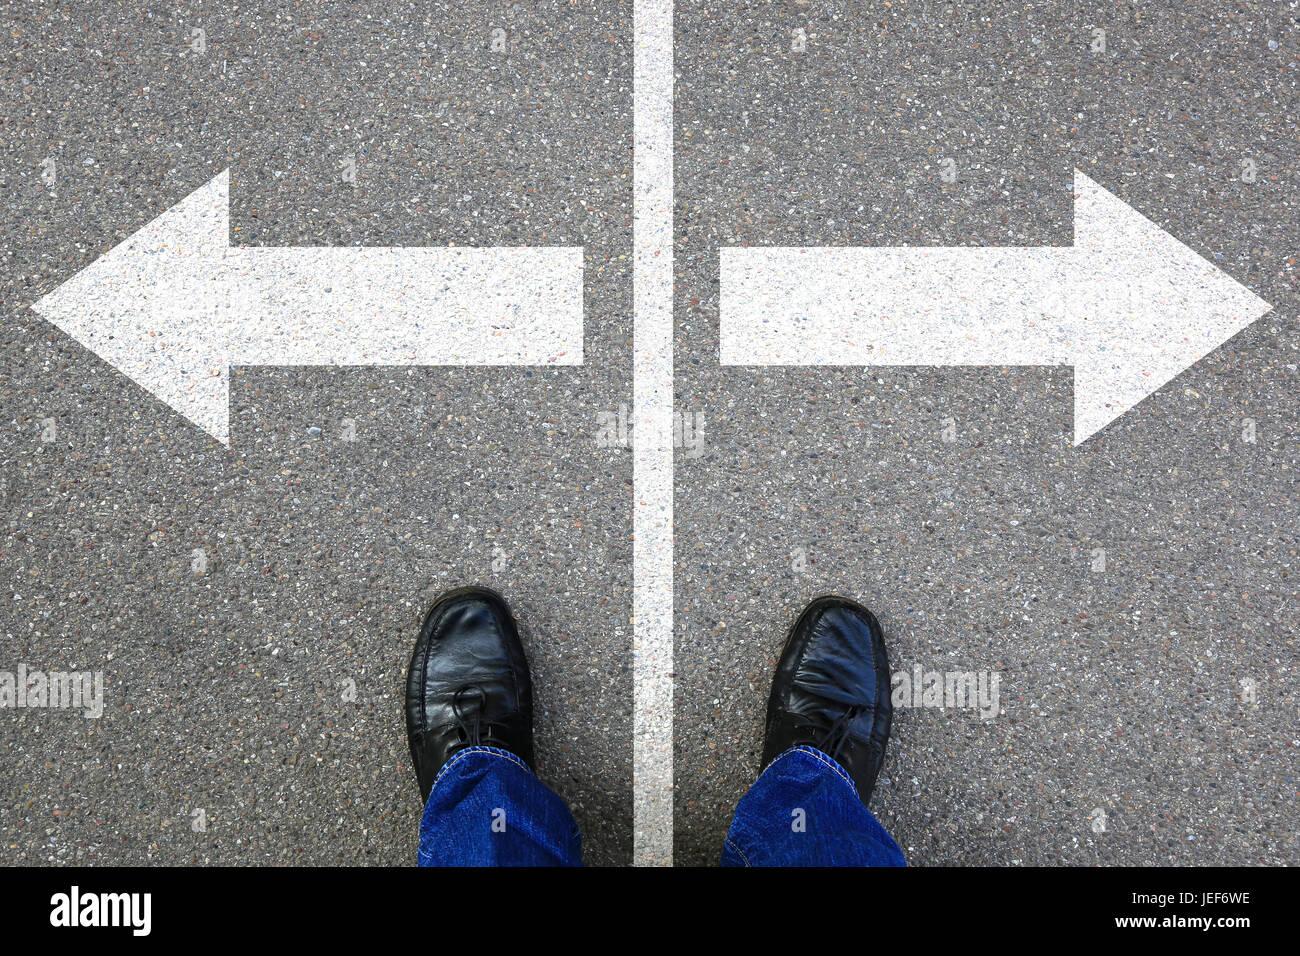 Décision décider d'objectifs d'affaires solution succès travail emploi choix Banque D'Images